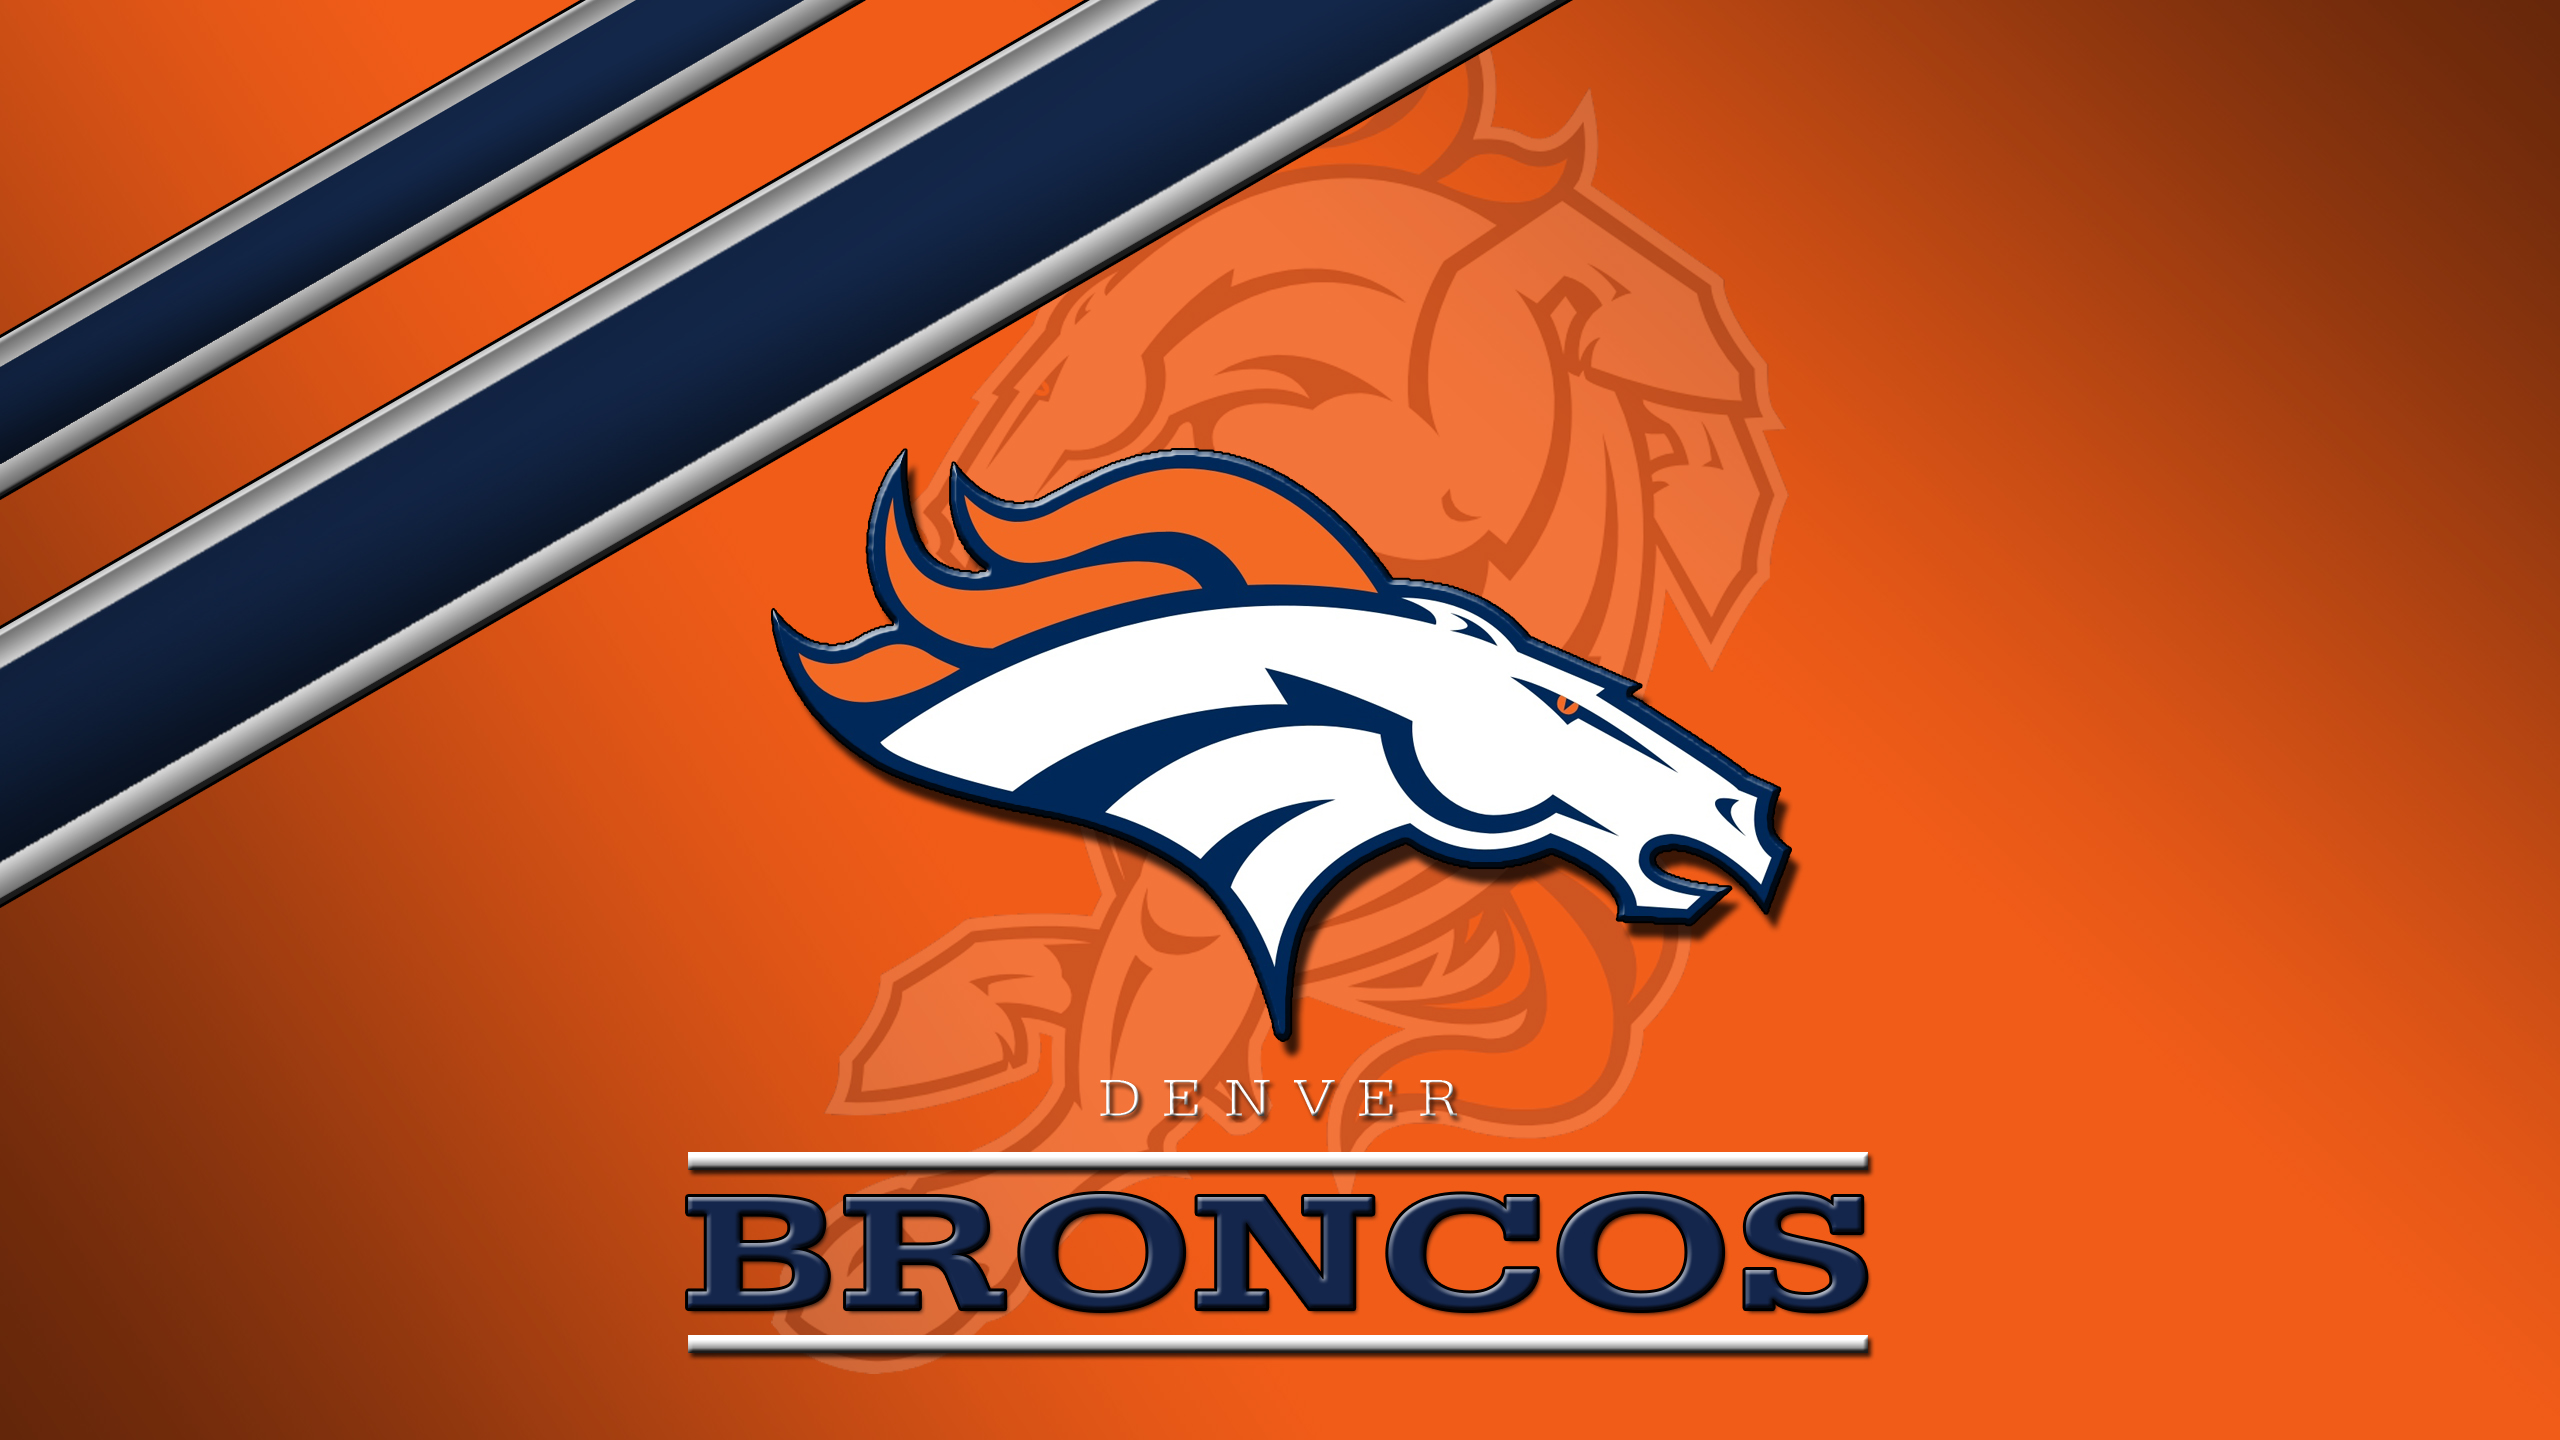 Denver Broncos By Beaware8 On Deviantart